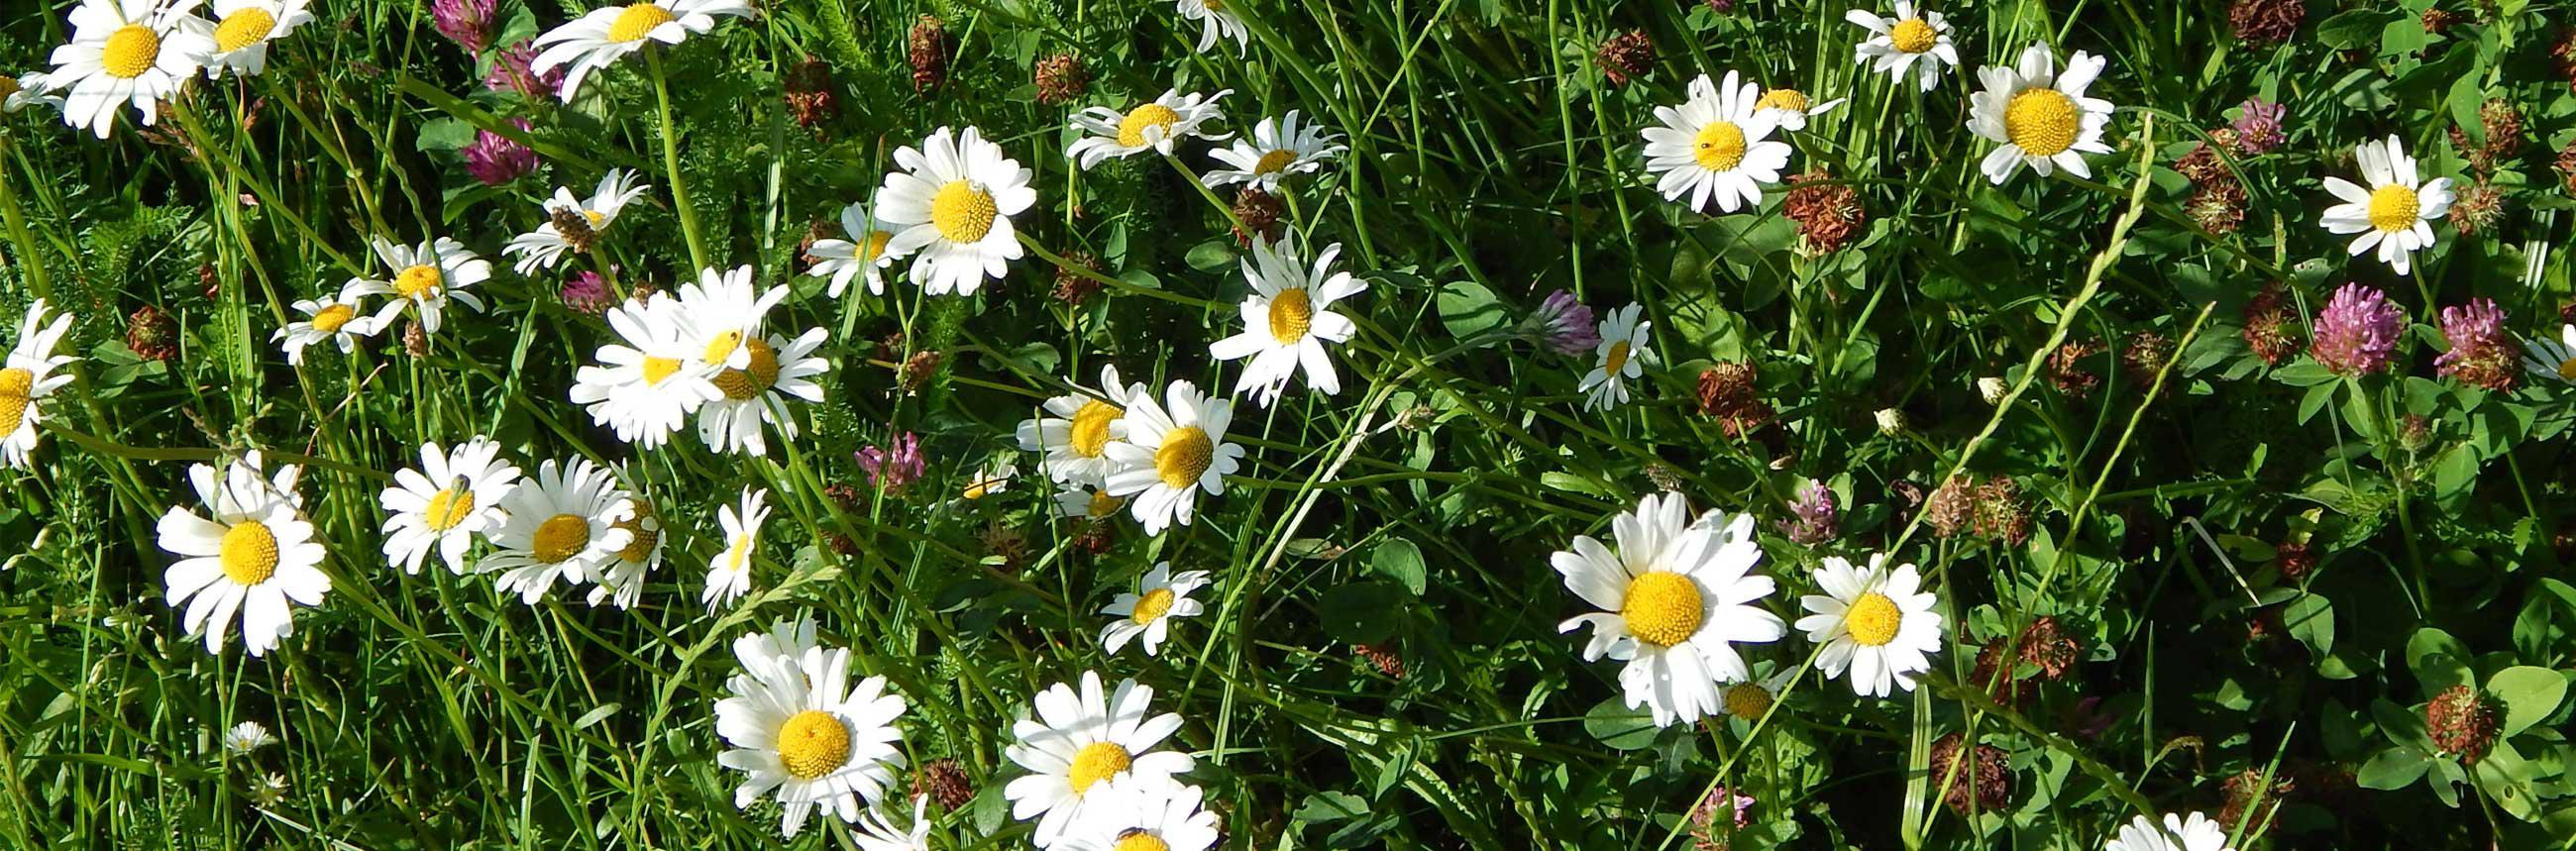 Ellernhof - Blumen